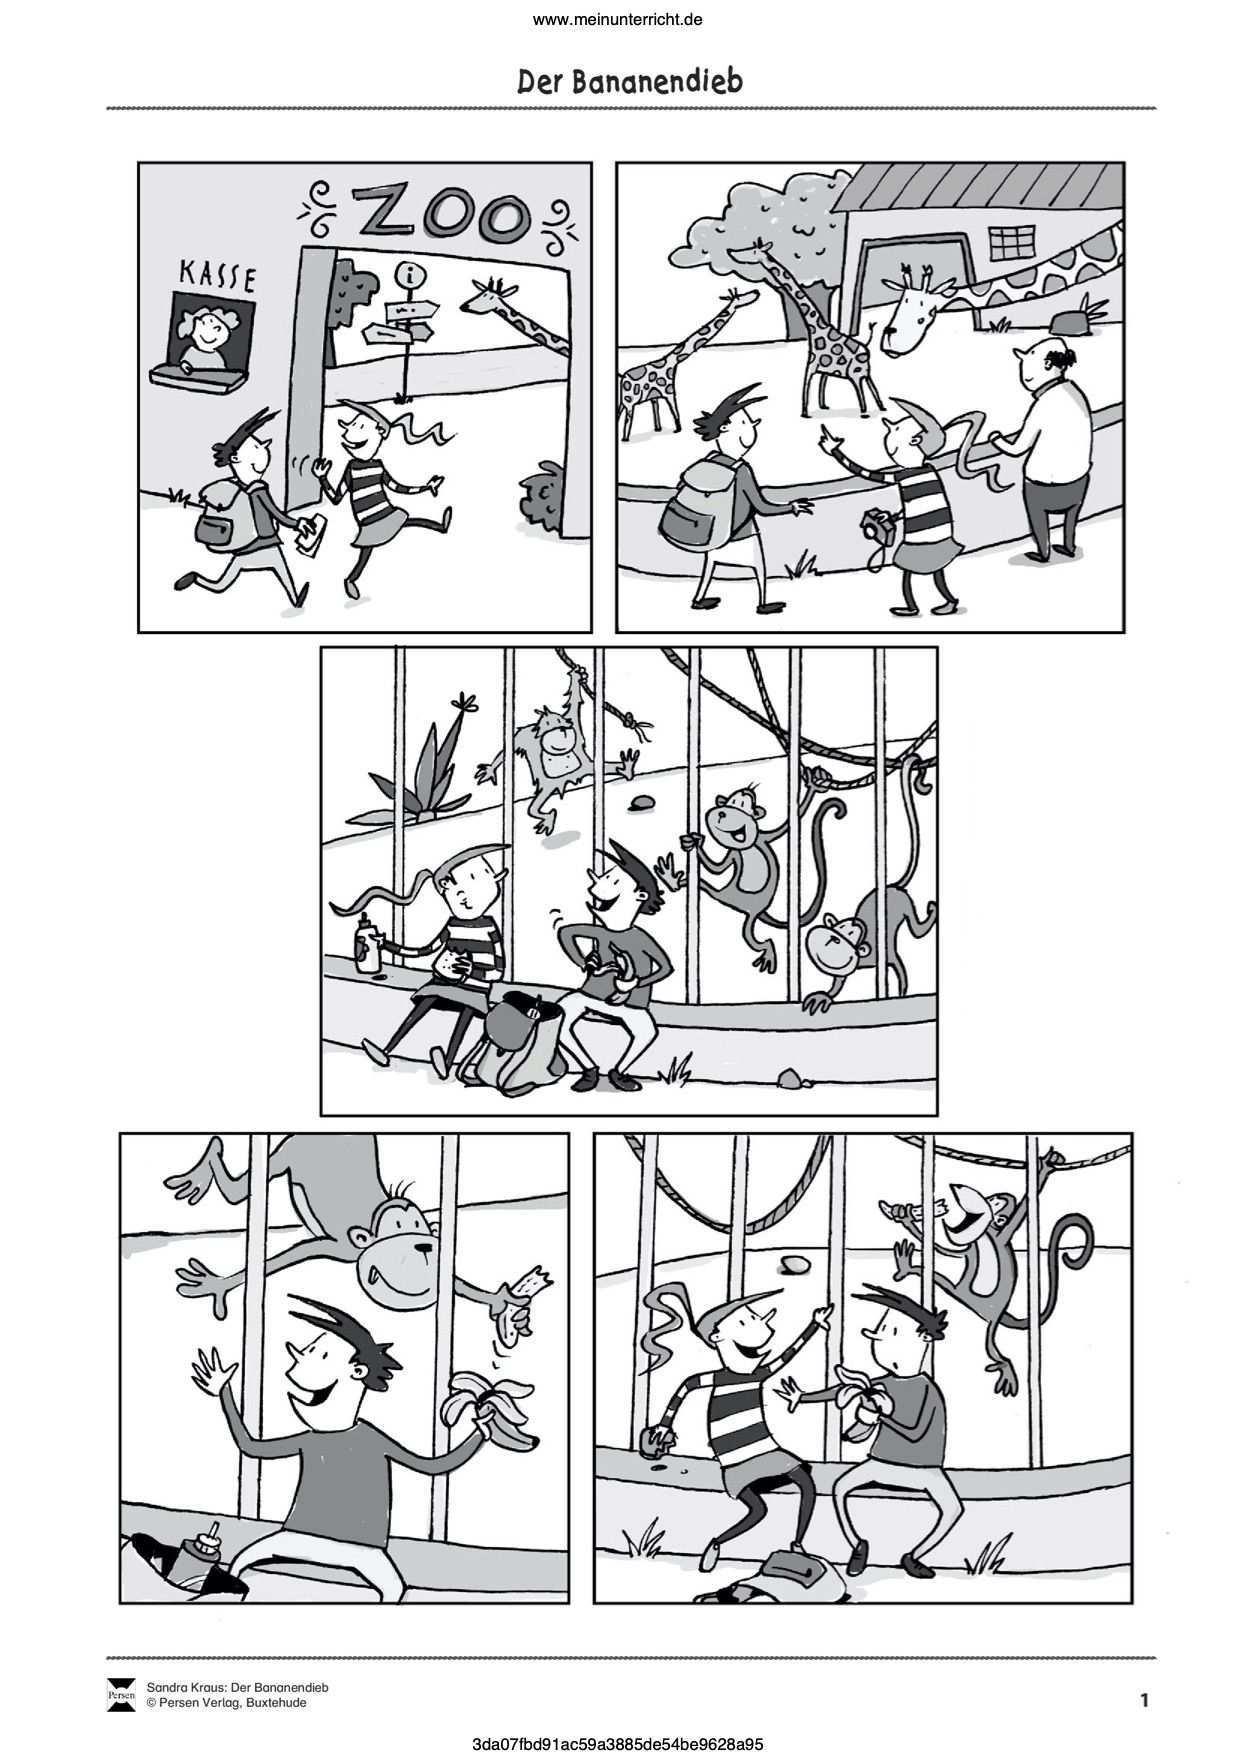 Vorschau Arbeitsblatt Meinunterricht Bildergeschichten Grundschule Bildergeschichte Arbeitsblatter Grundschule